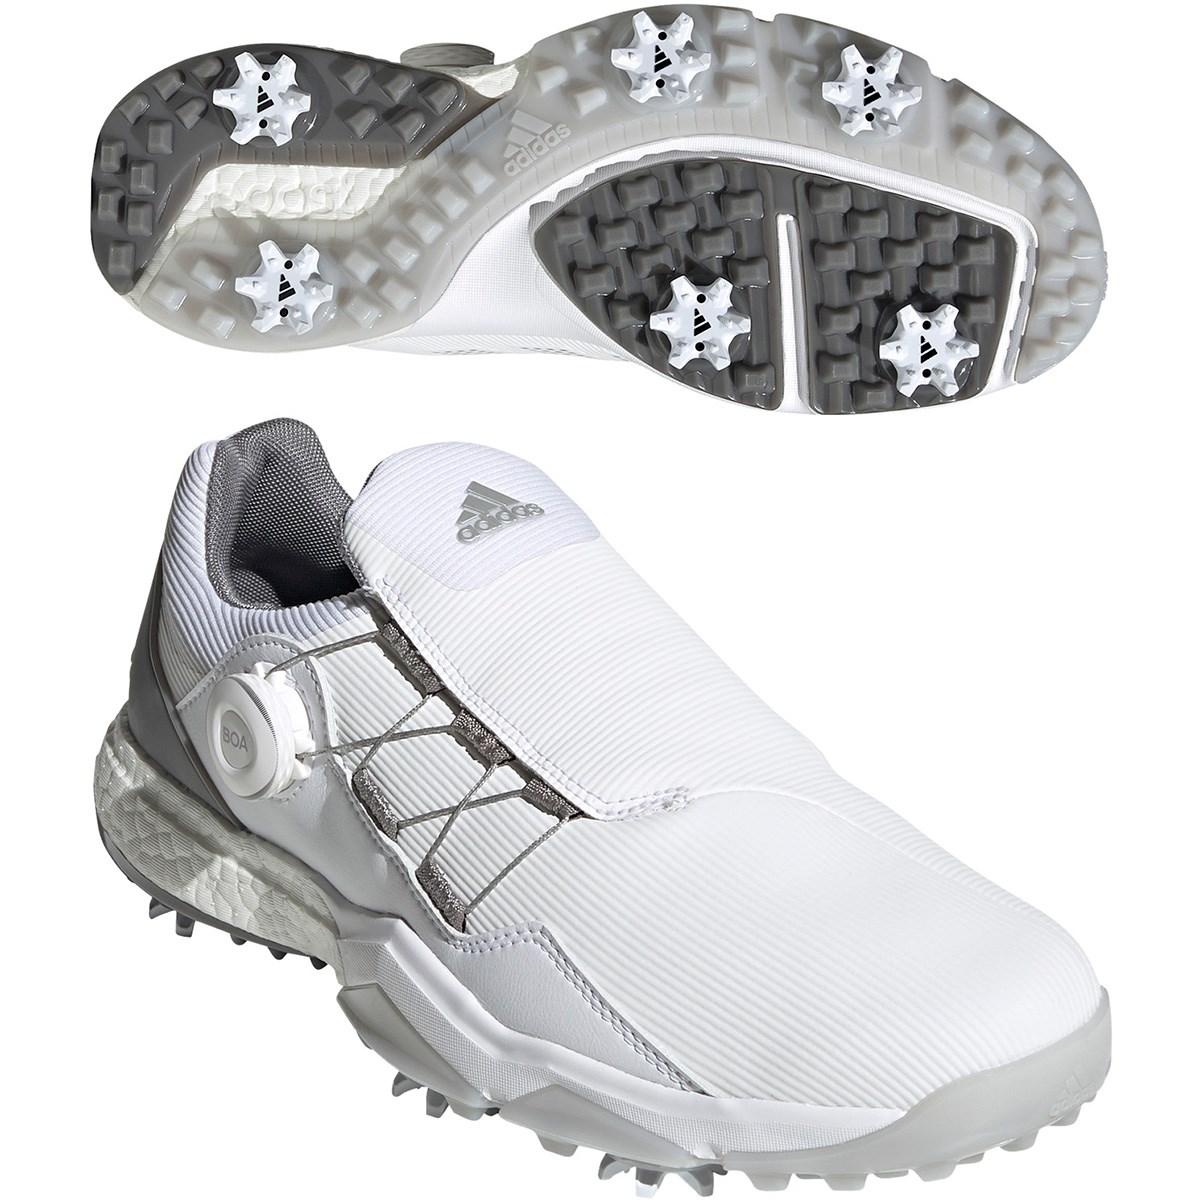 アディダス Adidas パワーラップ ボア シューズ 25.5cm ホワイト/グレースリー/グレーファイブ